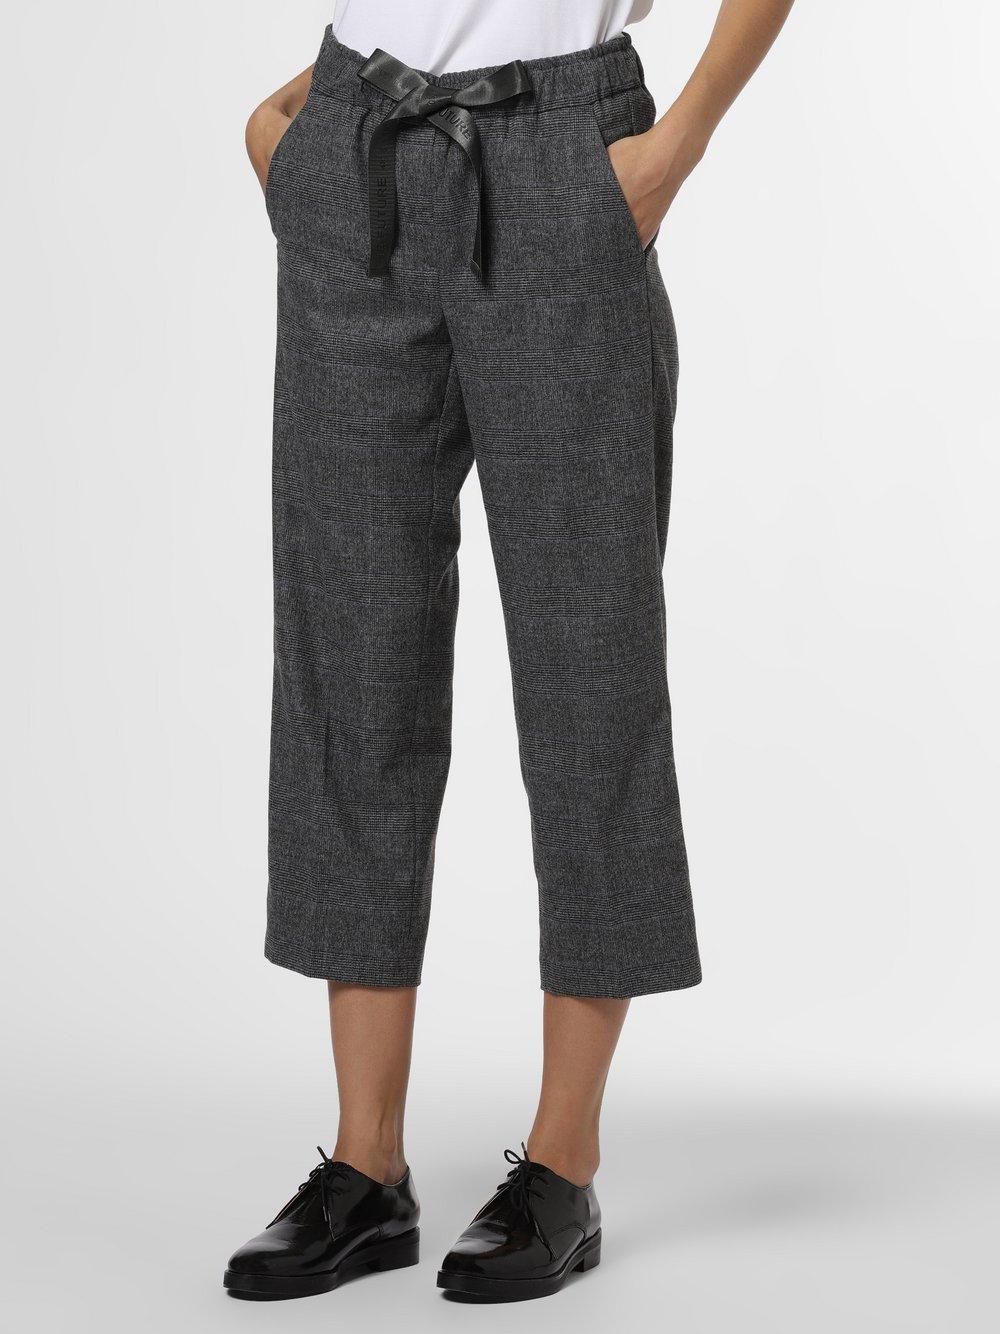 Cambio - Spodnie damskie – Colette, szary